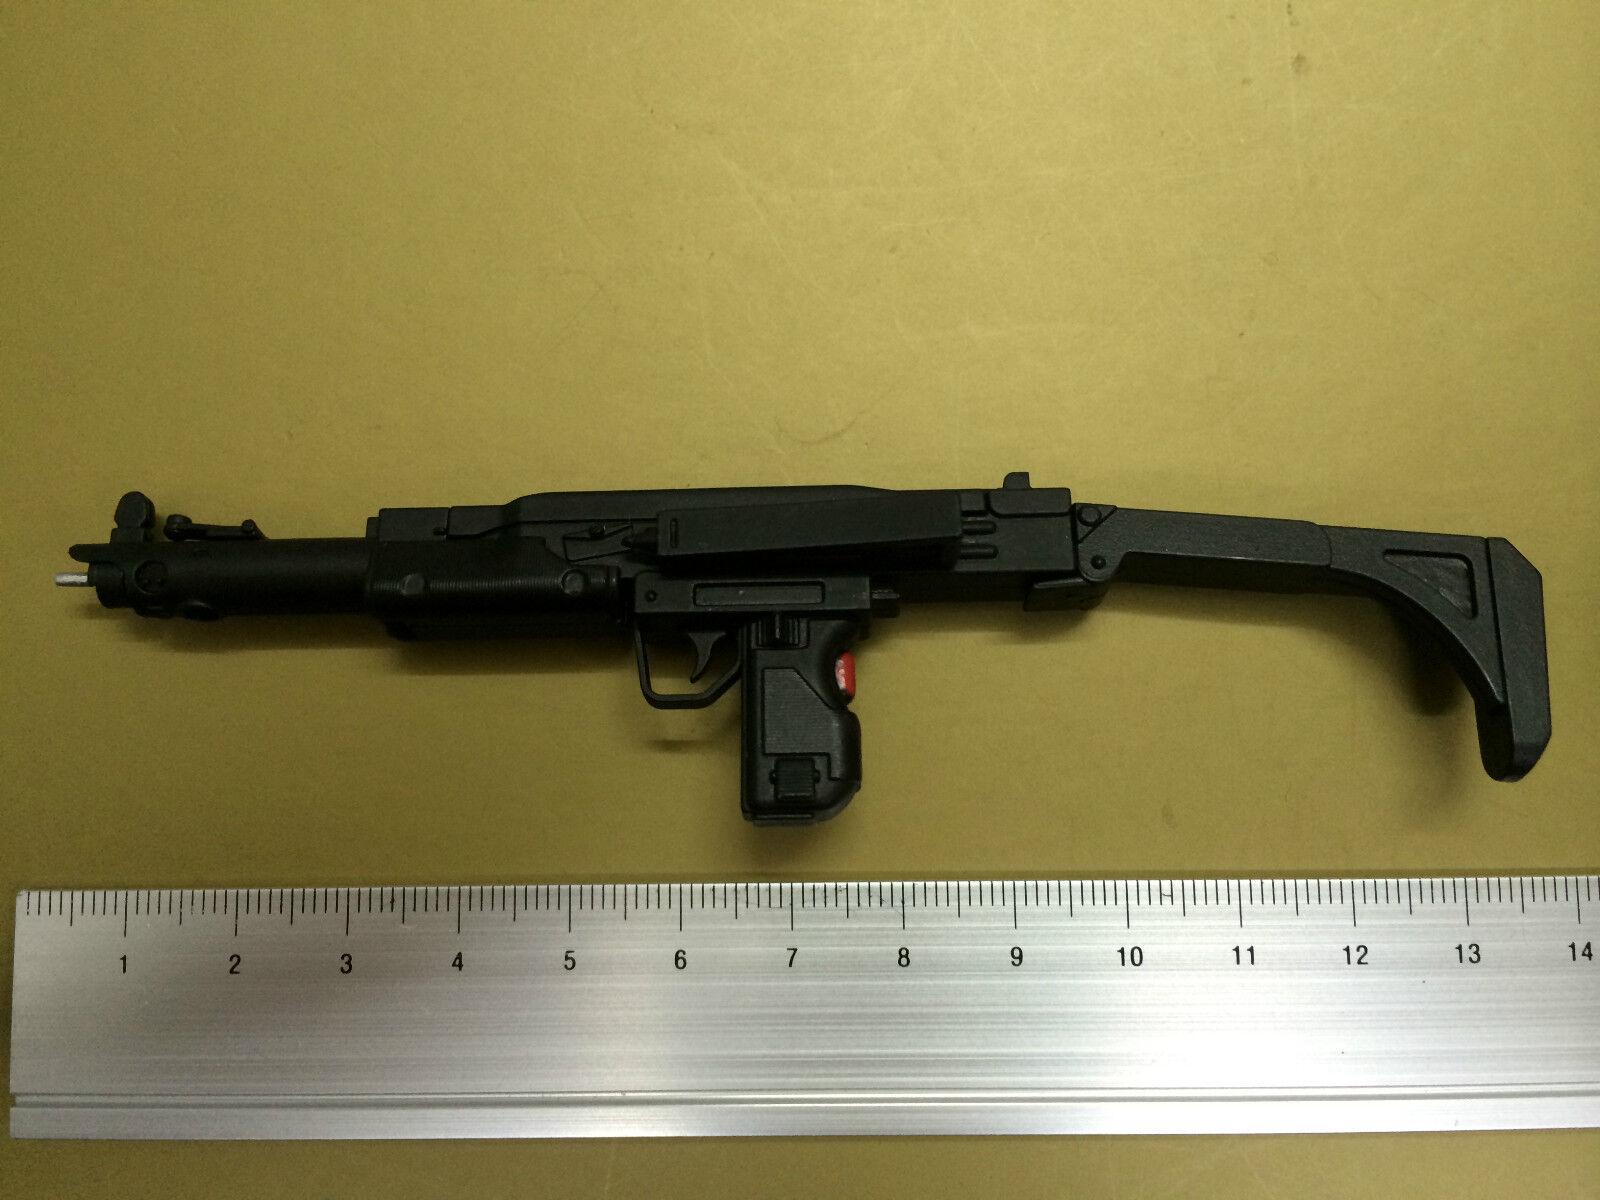 ... 1   6 - skala star wars mandolorian  boba fett  pistole, gewehr